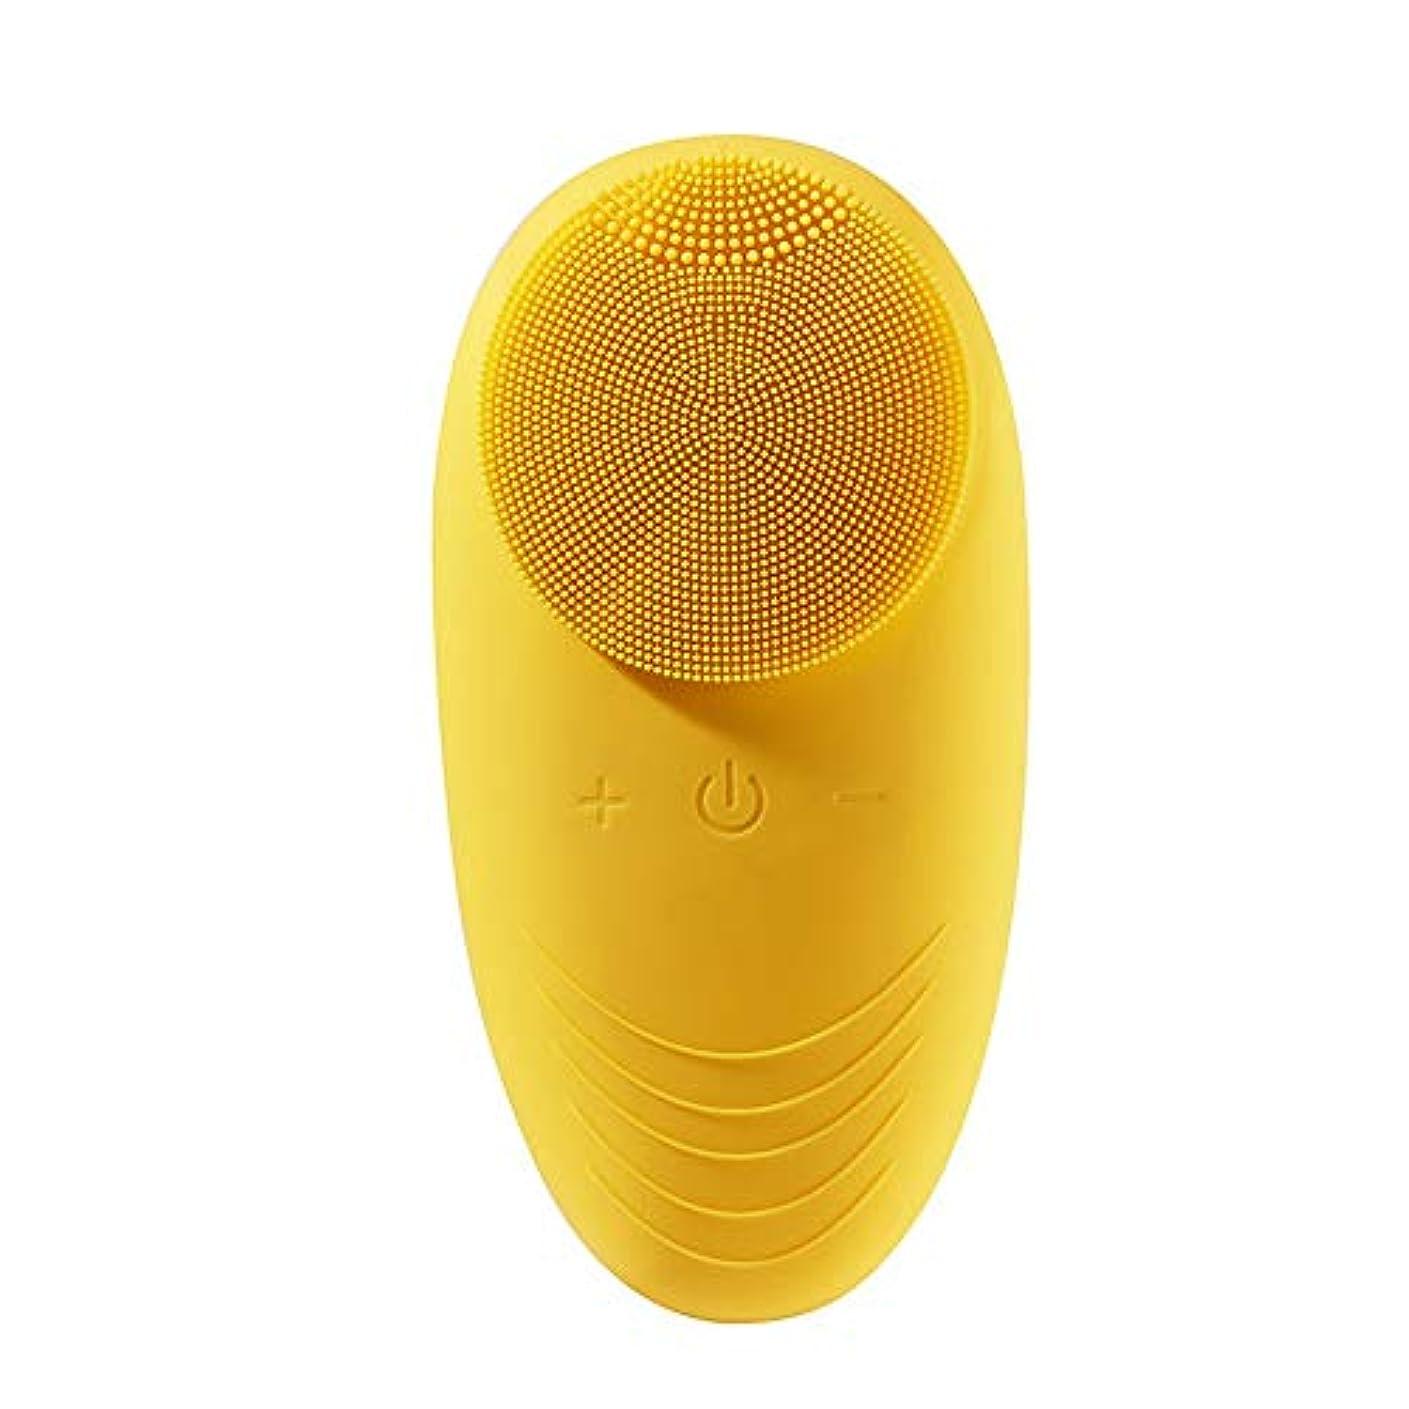 男らしさ復活するスリットZXF 電気シリコーン防水クレンジングブラシディープクリーニングポア超音波振動クレンジング器具美容器具 滑らかである (色 : Yellow)